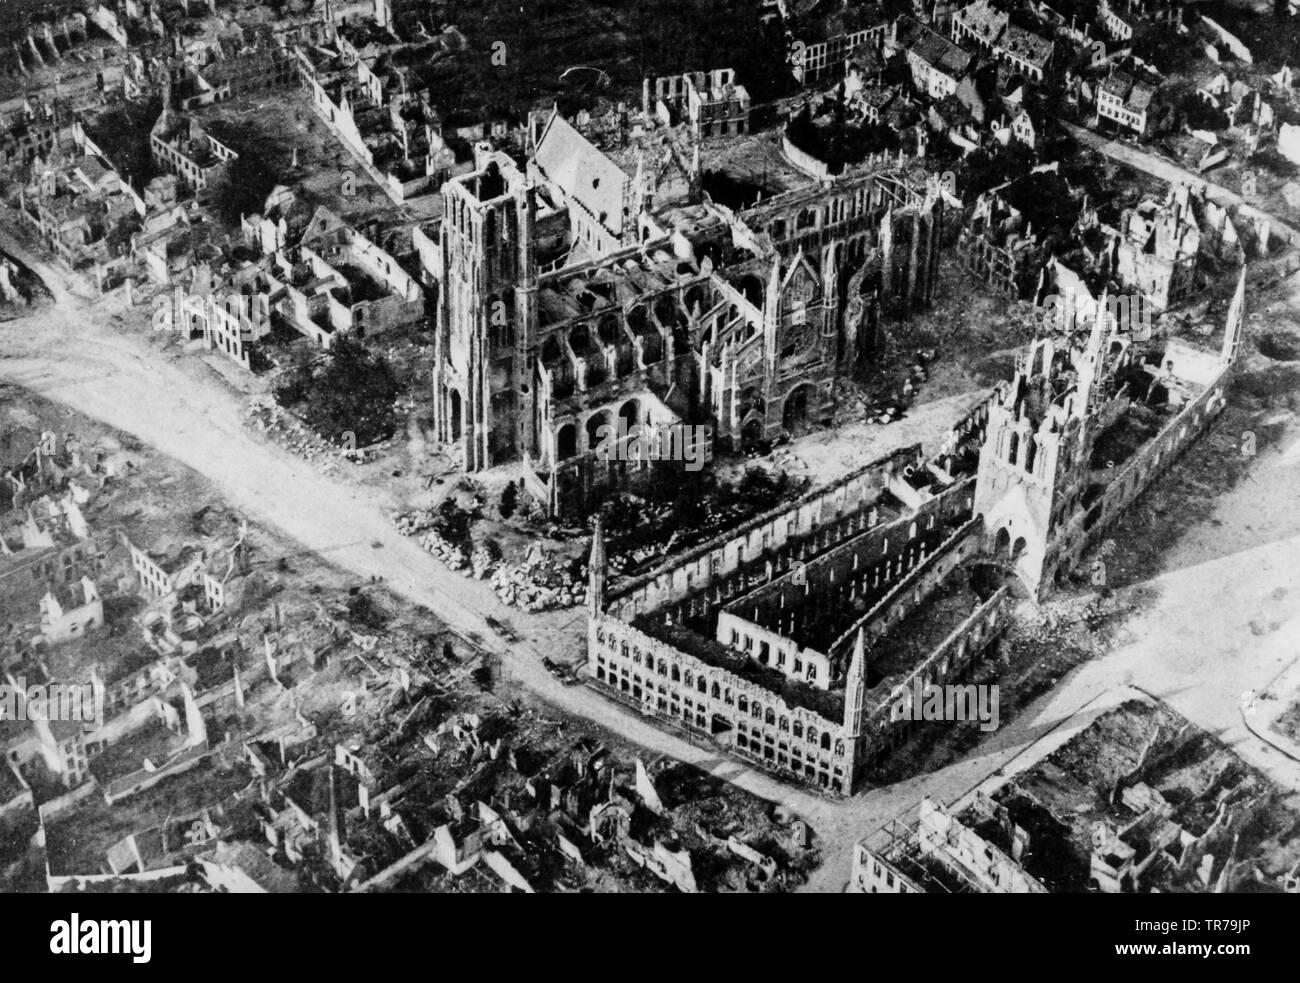 Ypres suite à la bataille de Passchendaele, en Belgique, 1917 Photo Stock -  Alamy